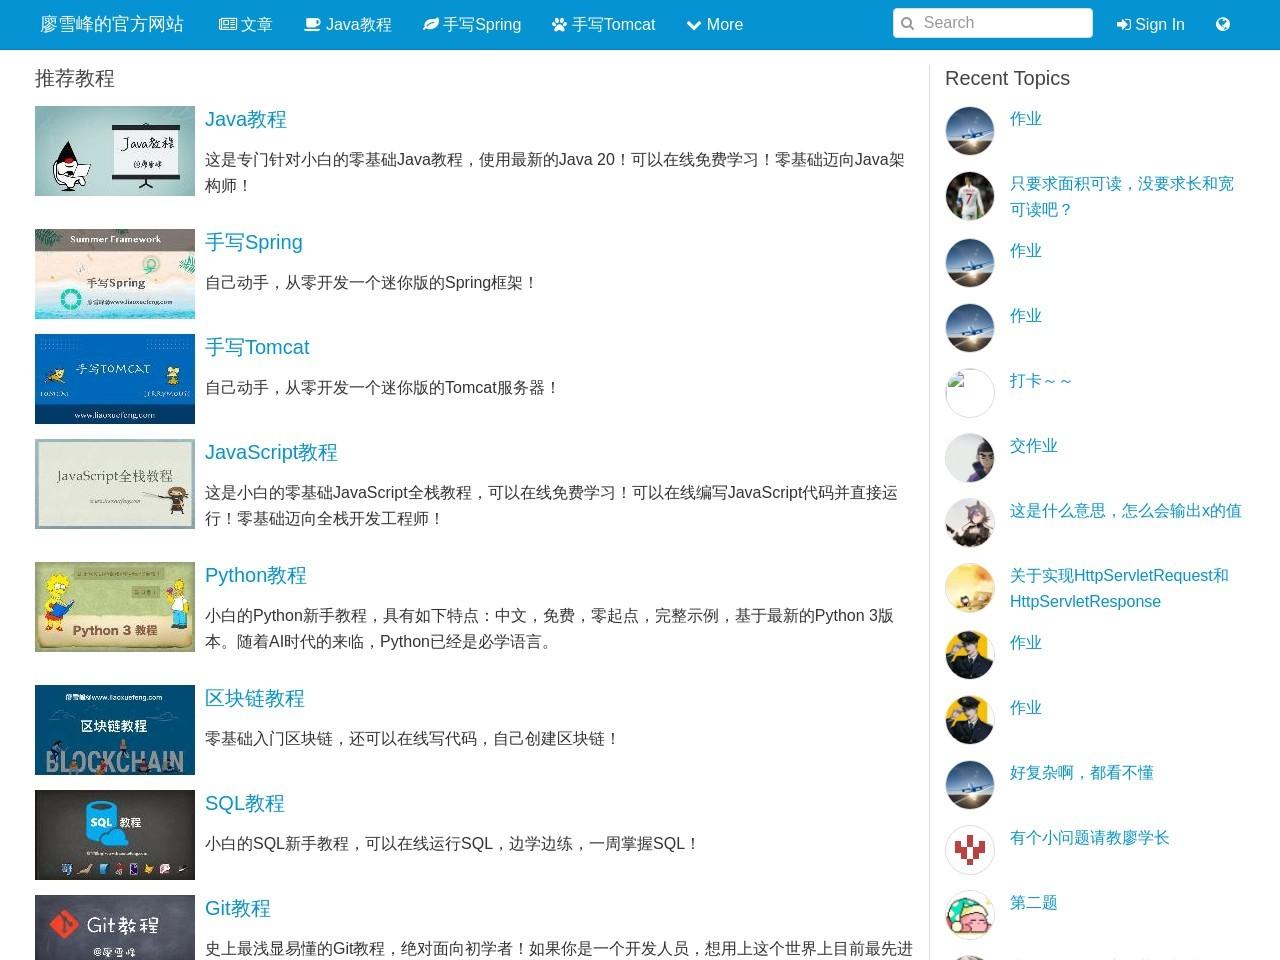 廖雪峰的官方网站